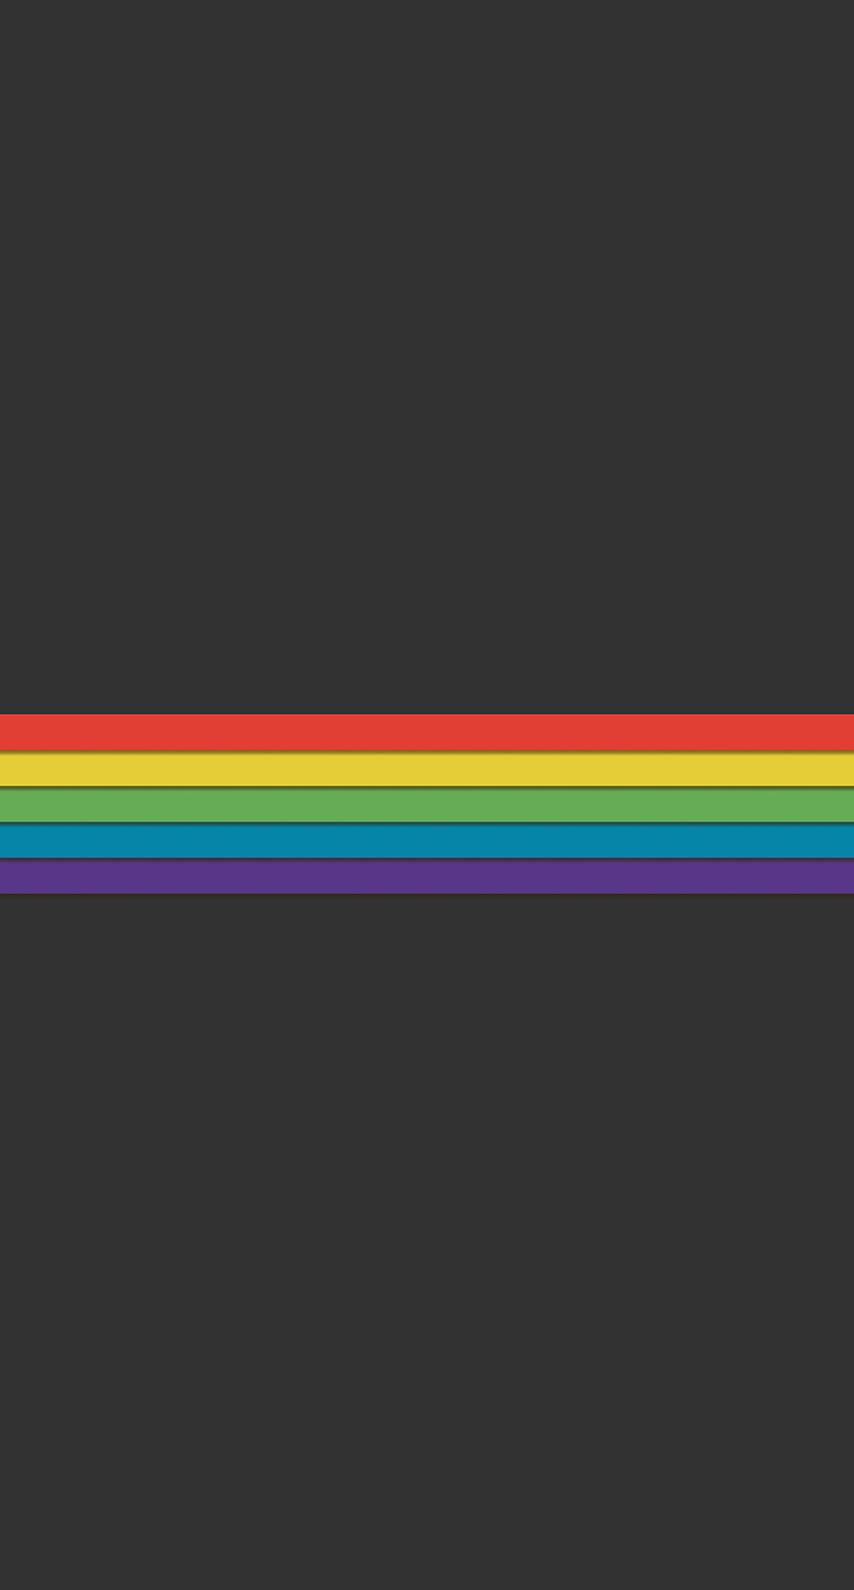 stripe, no person, shining, color, creativity, motley, vector, style